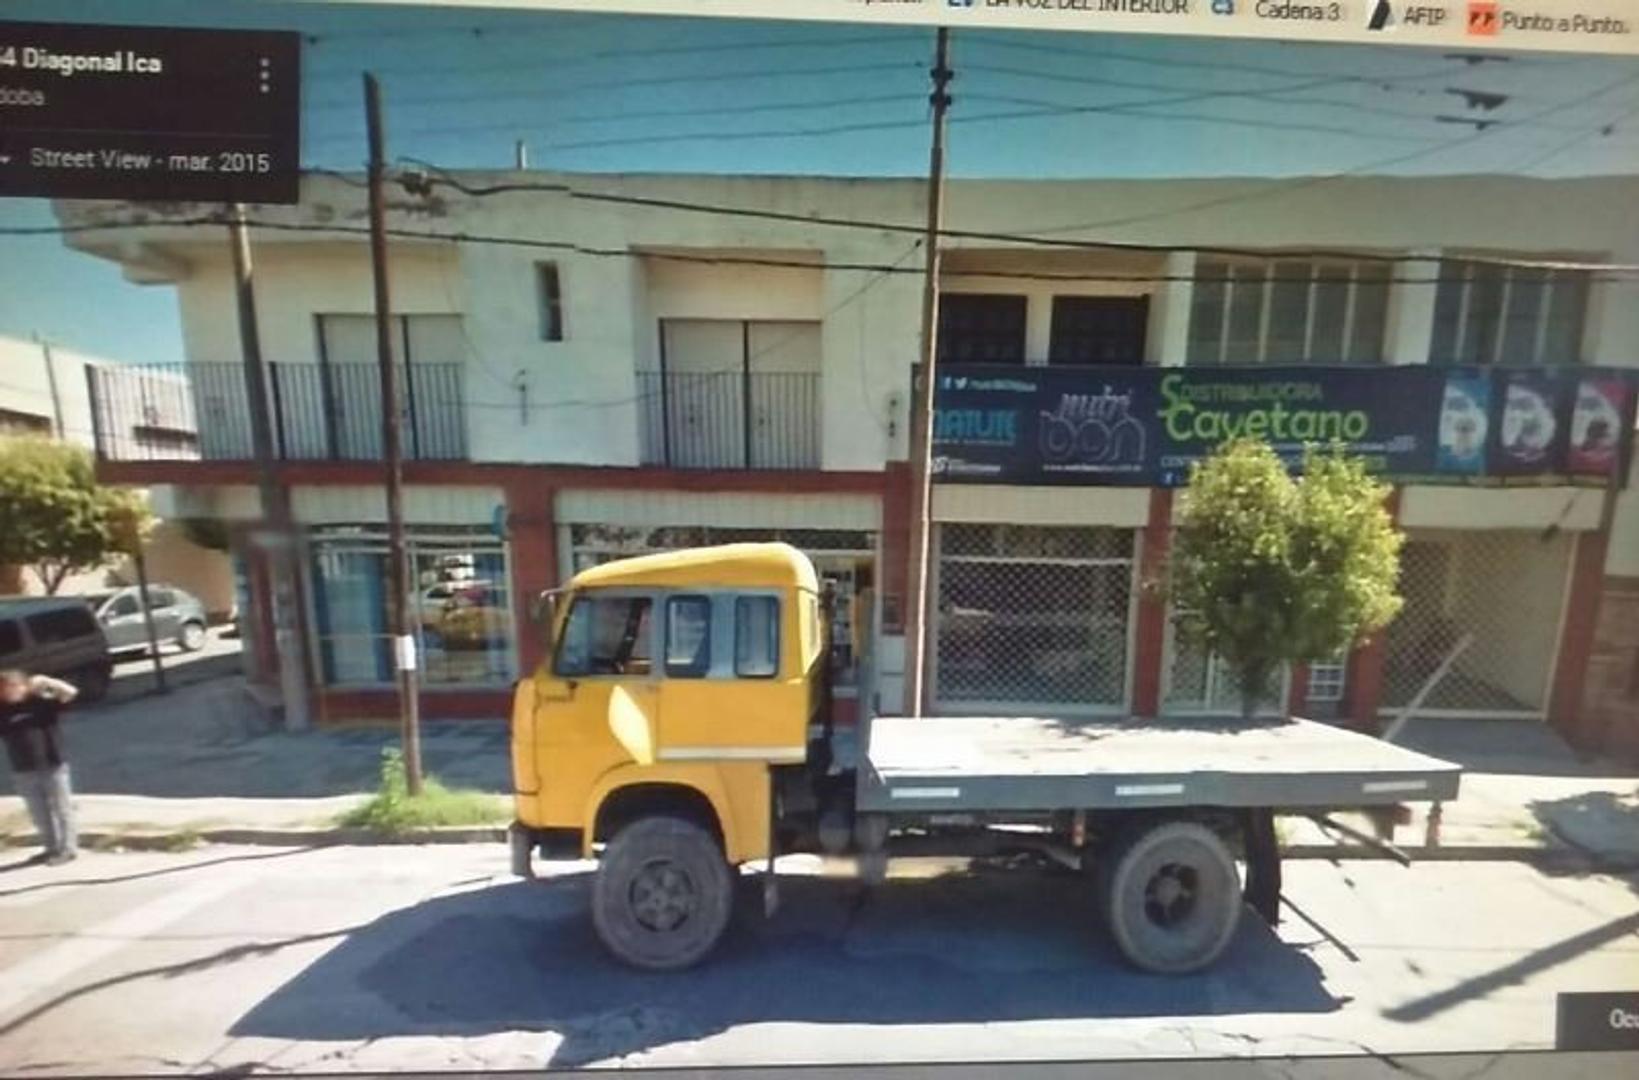 COMPLEJO DE LOCALES Y OFICINAS Diagonal ica 1300